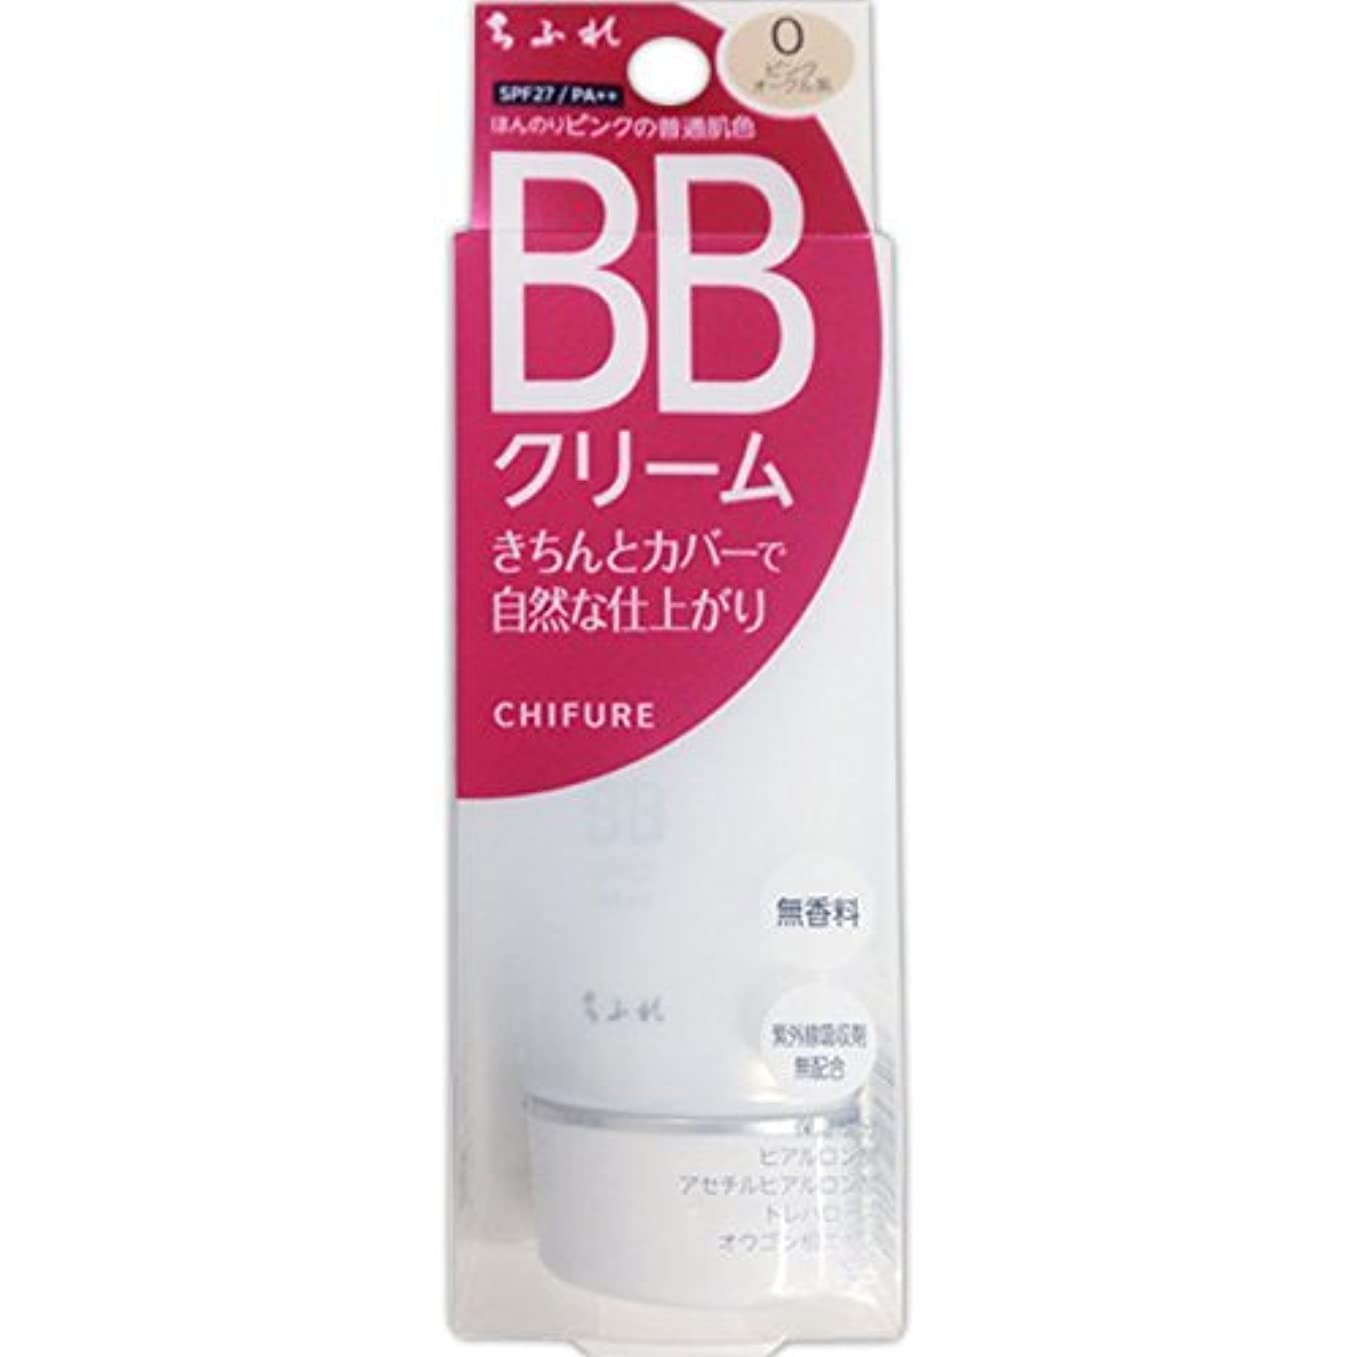 刺激する赤ドライバちふれ化粧品 BB クリーム ほんのりピンクの普通肌色 0